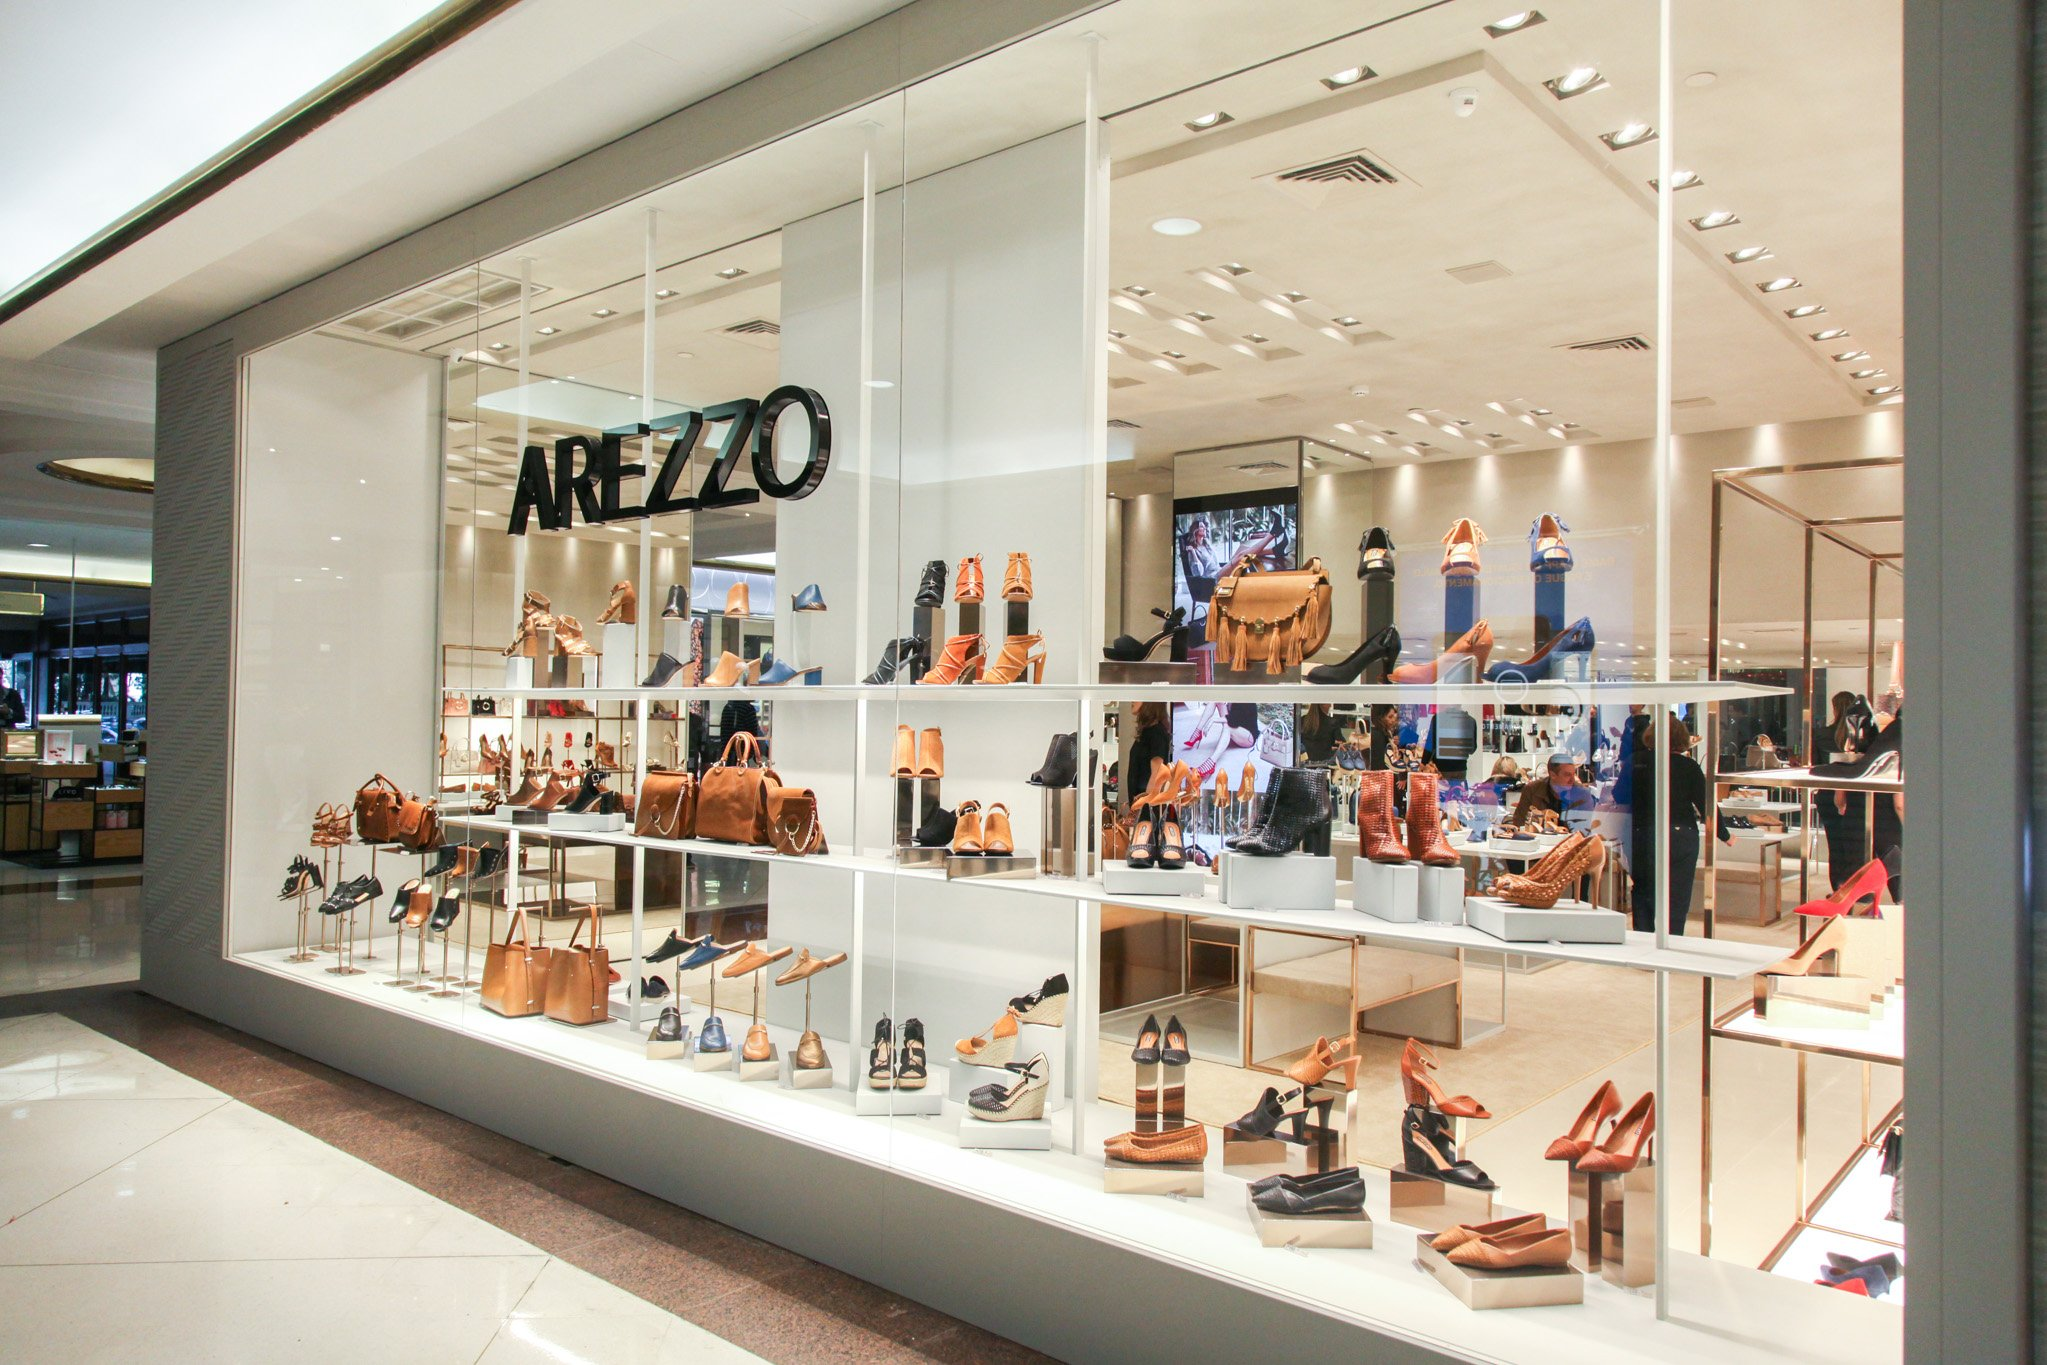 巴西鞋业巨头 Arezzo 收购沉寂三年的本土女鞋品牌 My Shoes